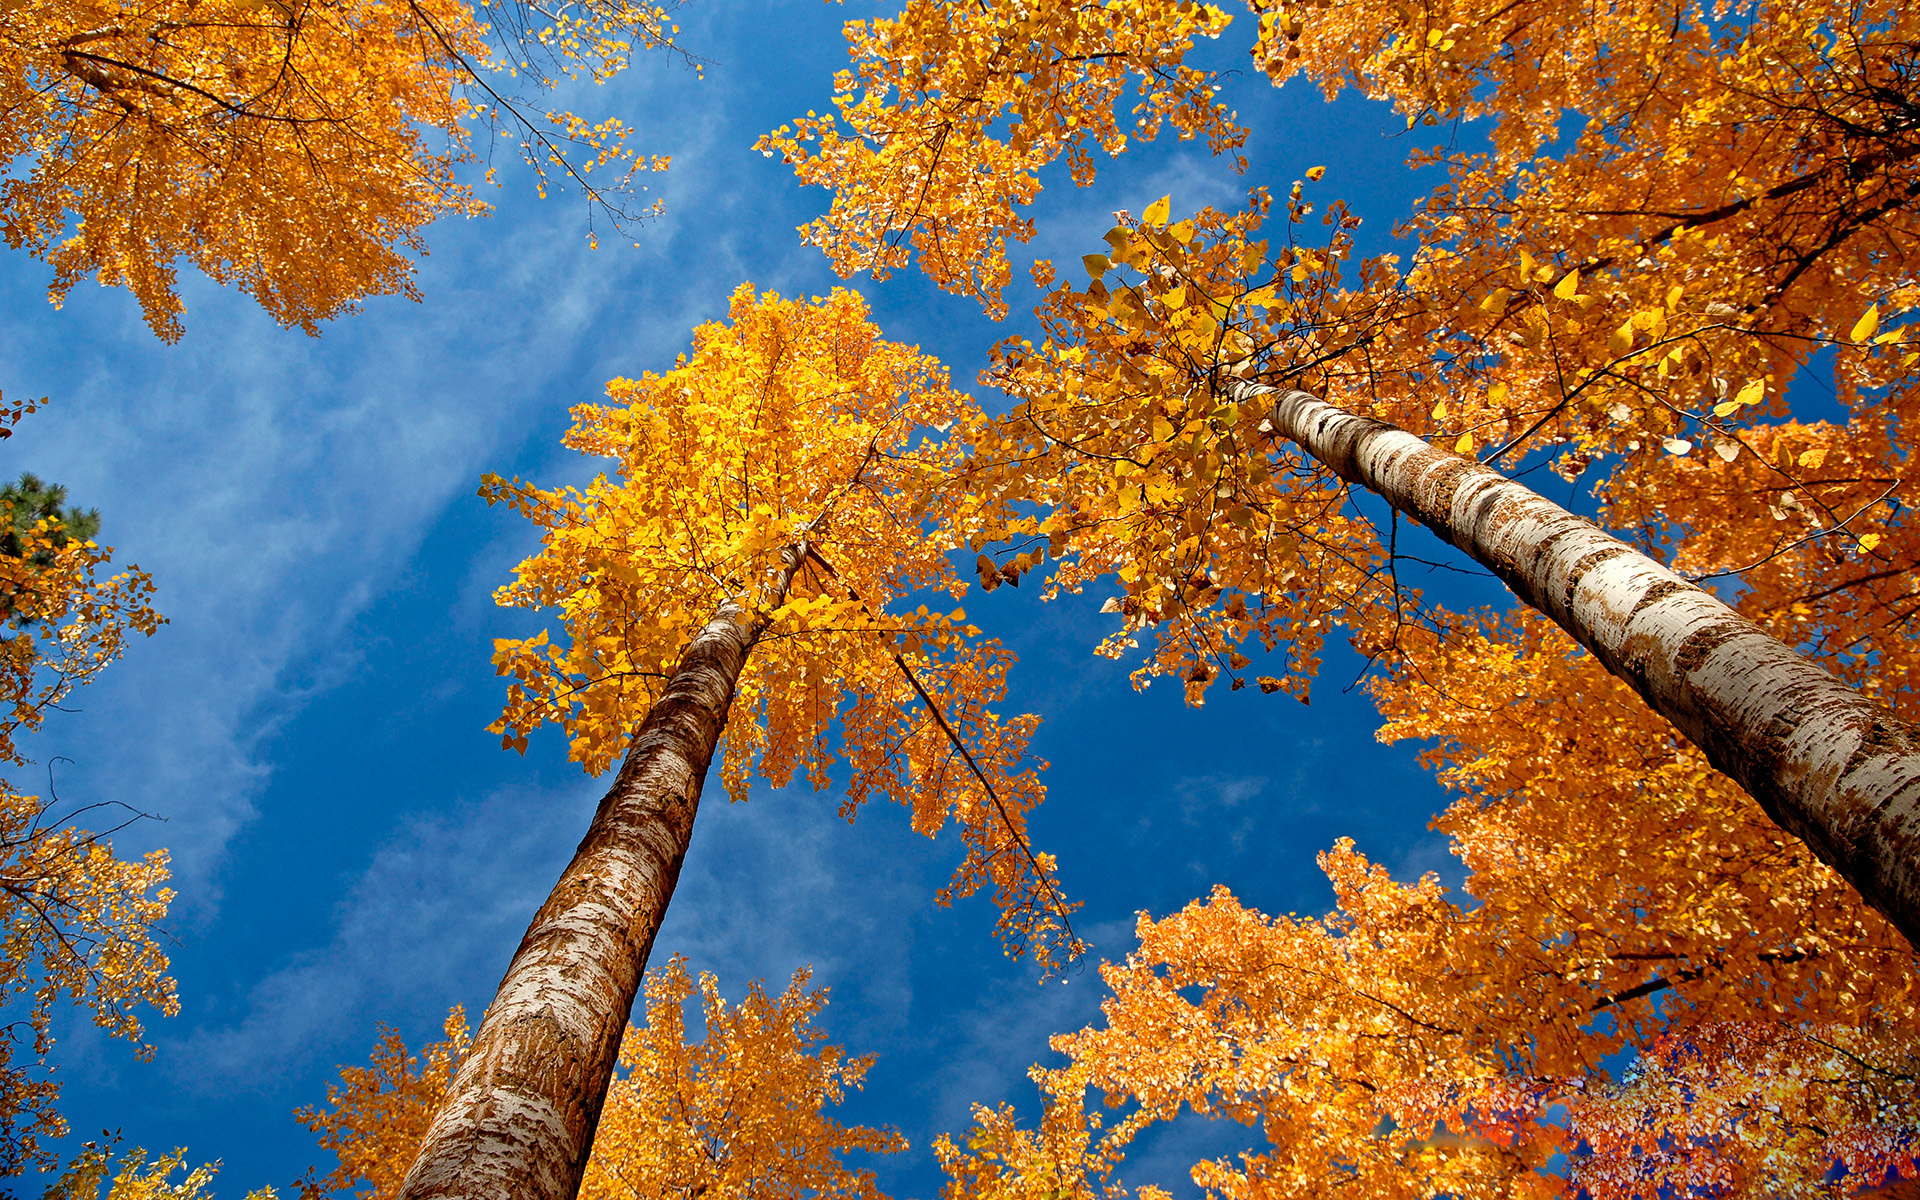 Картинка: Деревья, берёзы, листья, крона, осень, жёлтая, небо